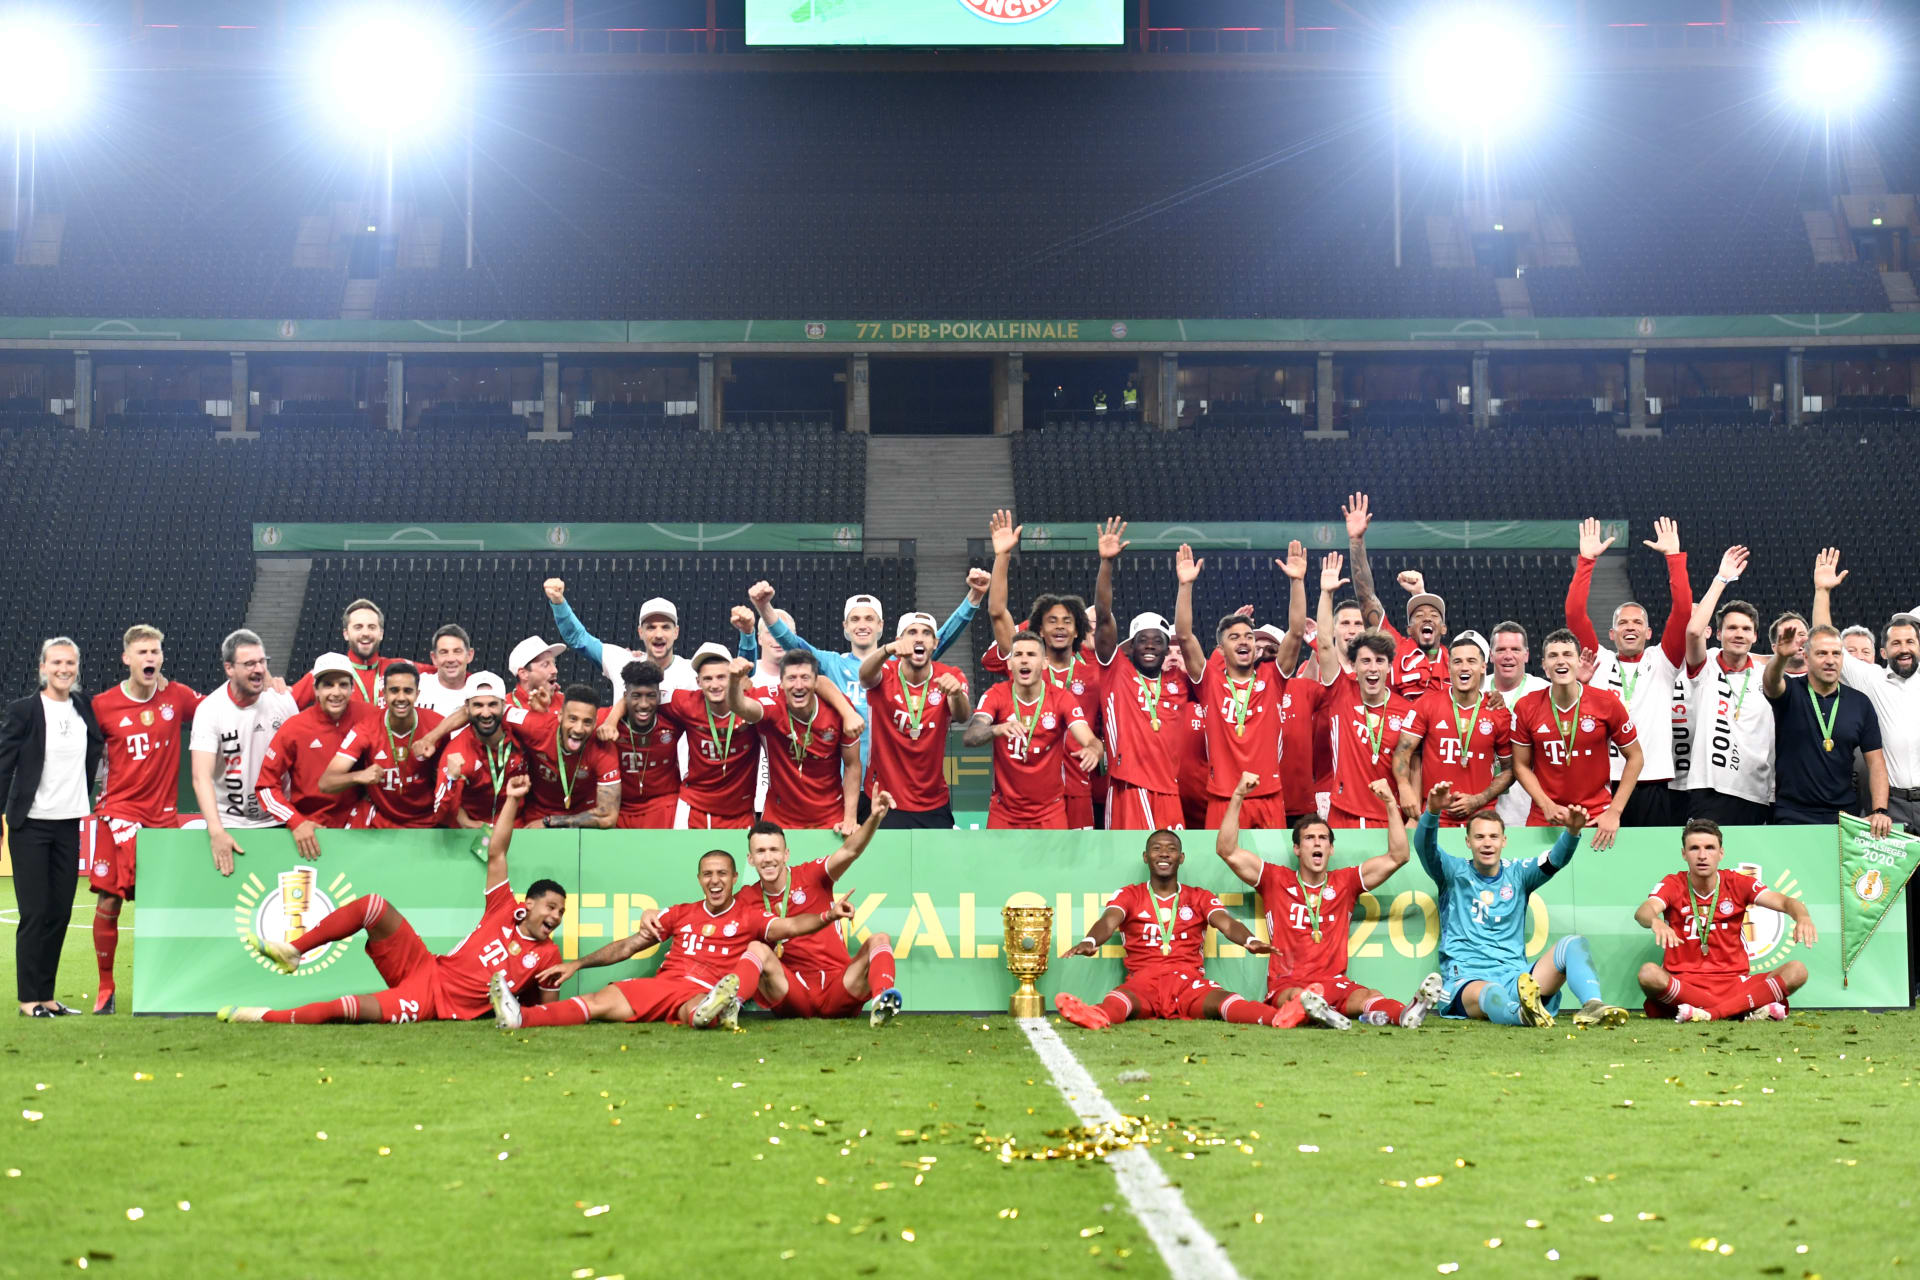 فوز بايرن ميونخ بكأس ألمانيا يمنحه العديد من الأرقام القياسية